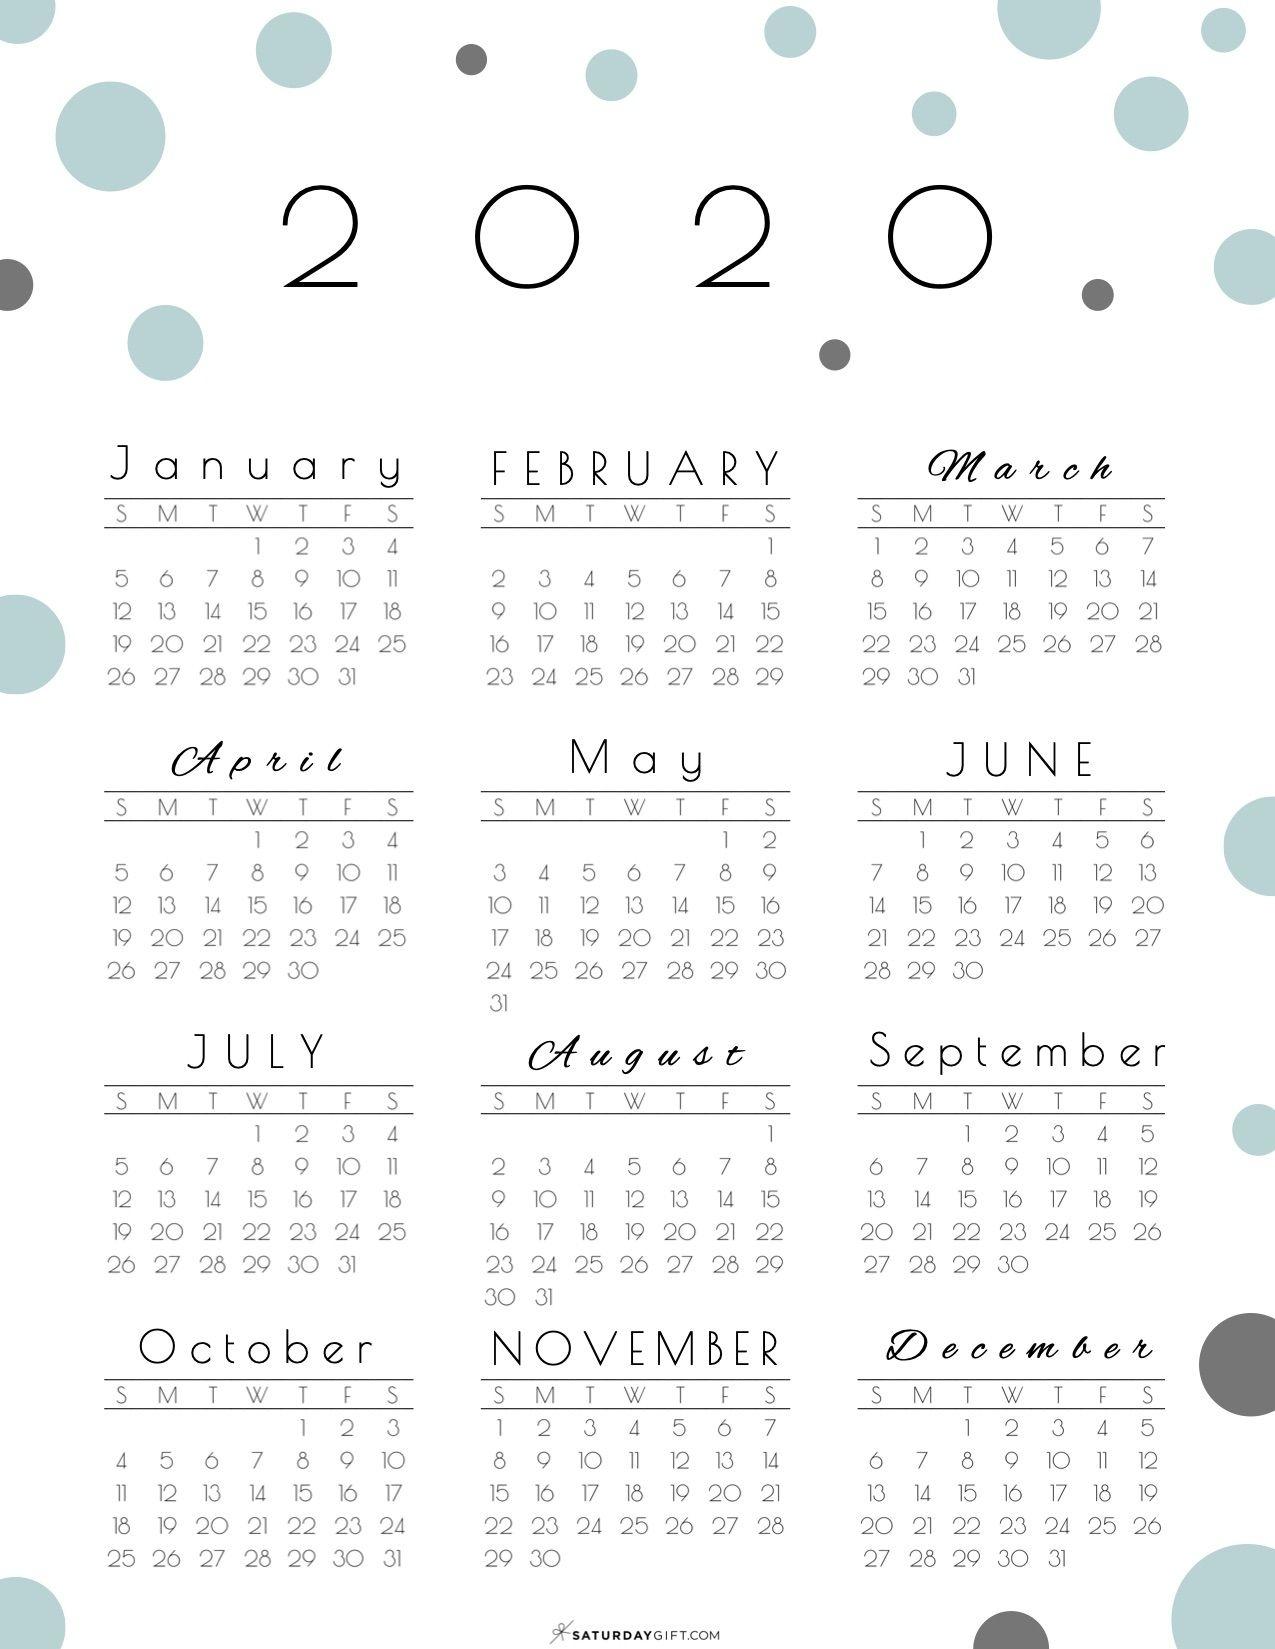 Year At A Glance Calendar 2020 - Pretty (&Free!) Printable with 2020 Calendar Landscape Year At A Glance